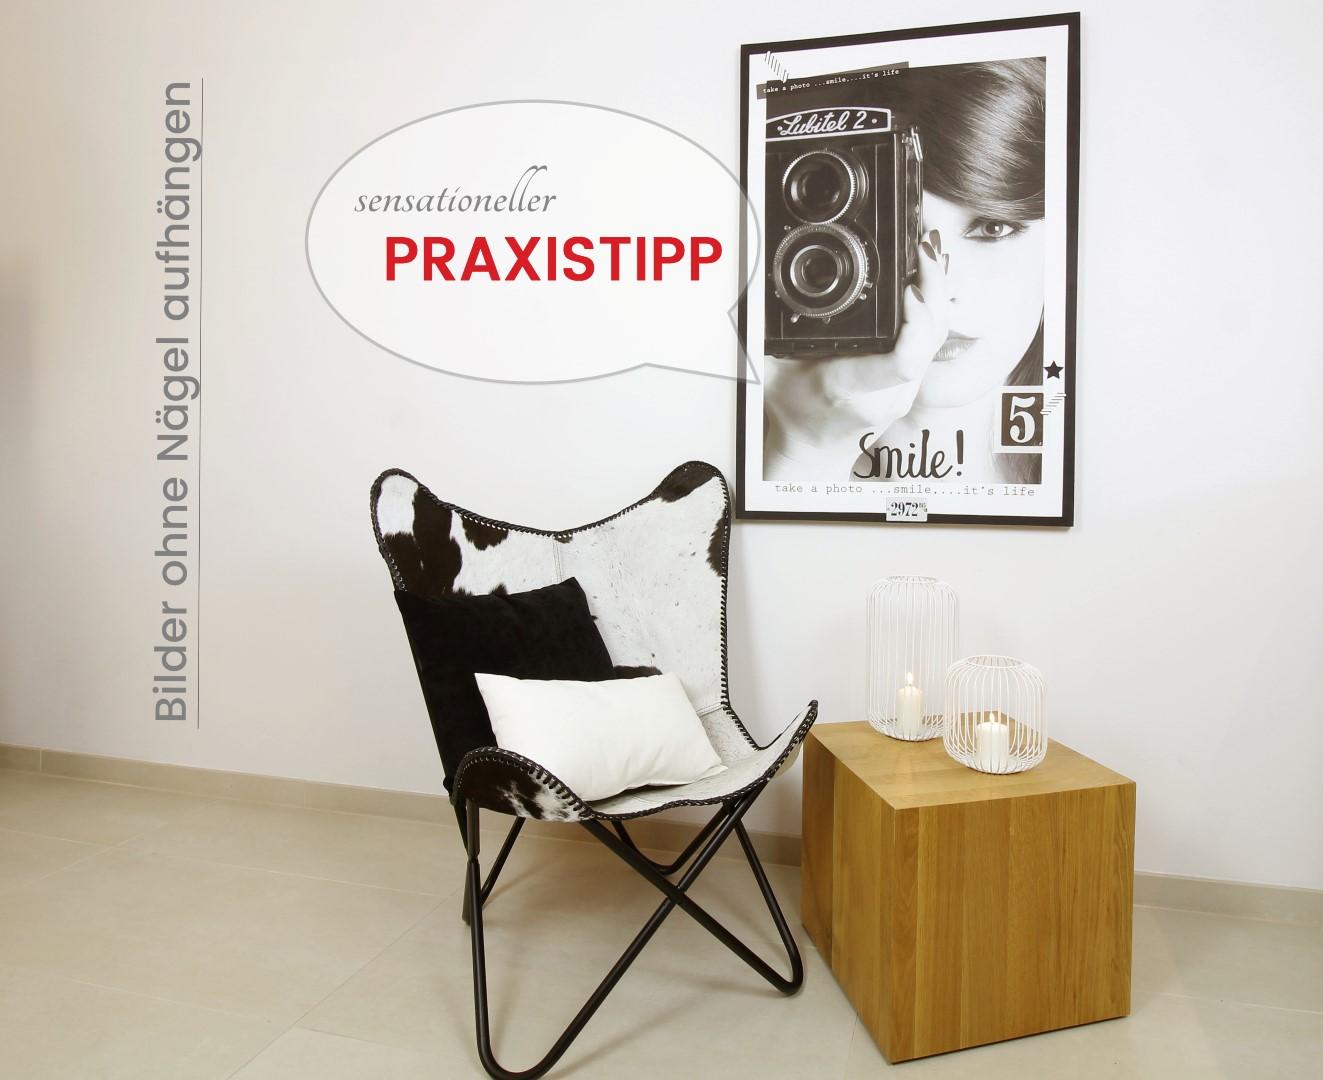 geniale idee bilder ohne n gel aufh ngen mittels klebestreifen mit klett. Black Bedroom Furniture Sets. Home Design Ideas